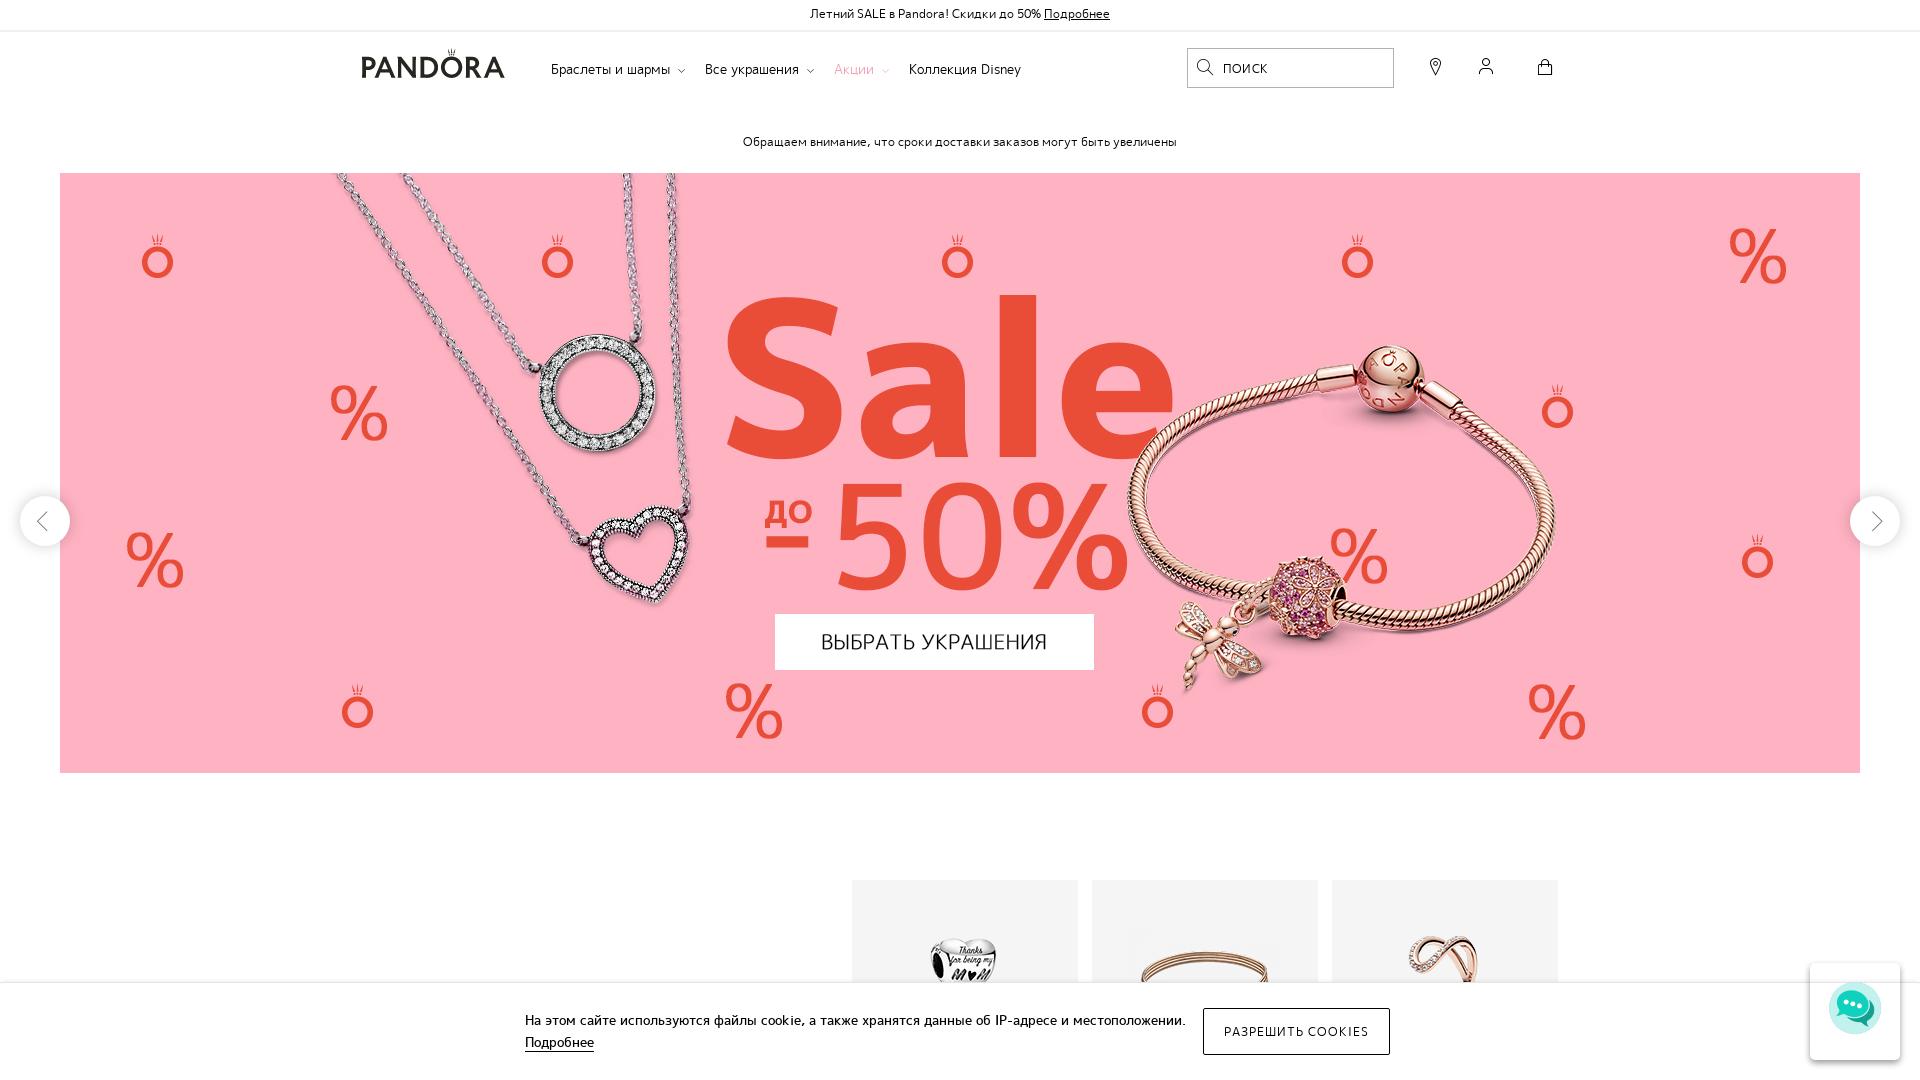 Pandora RU website